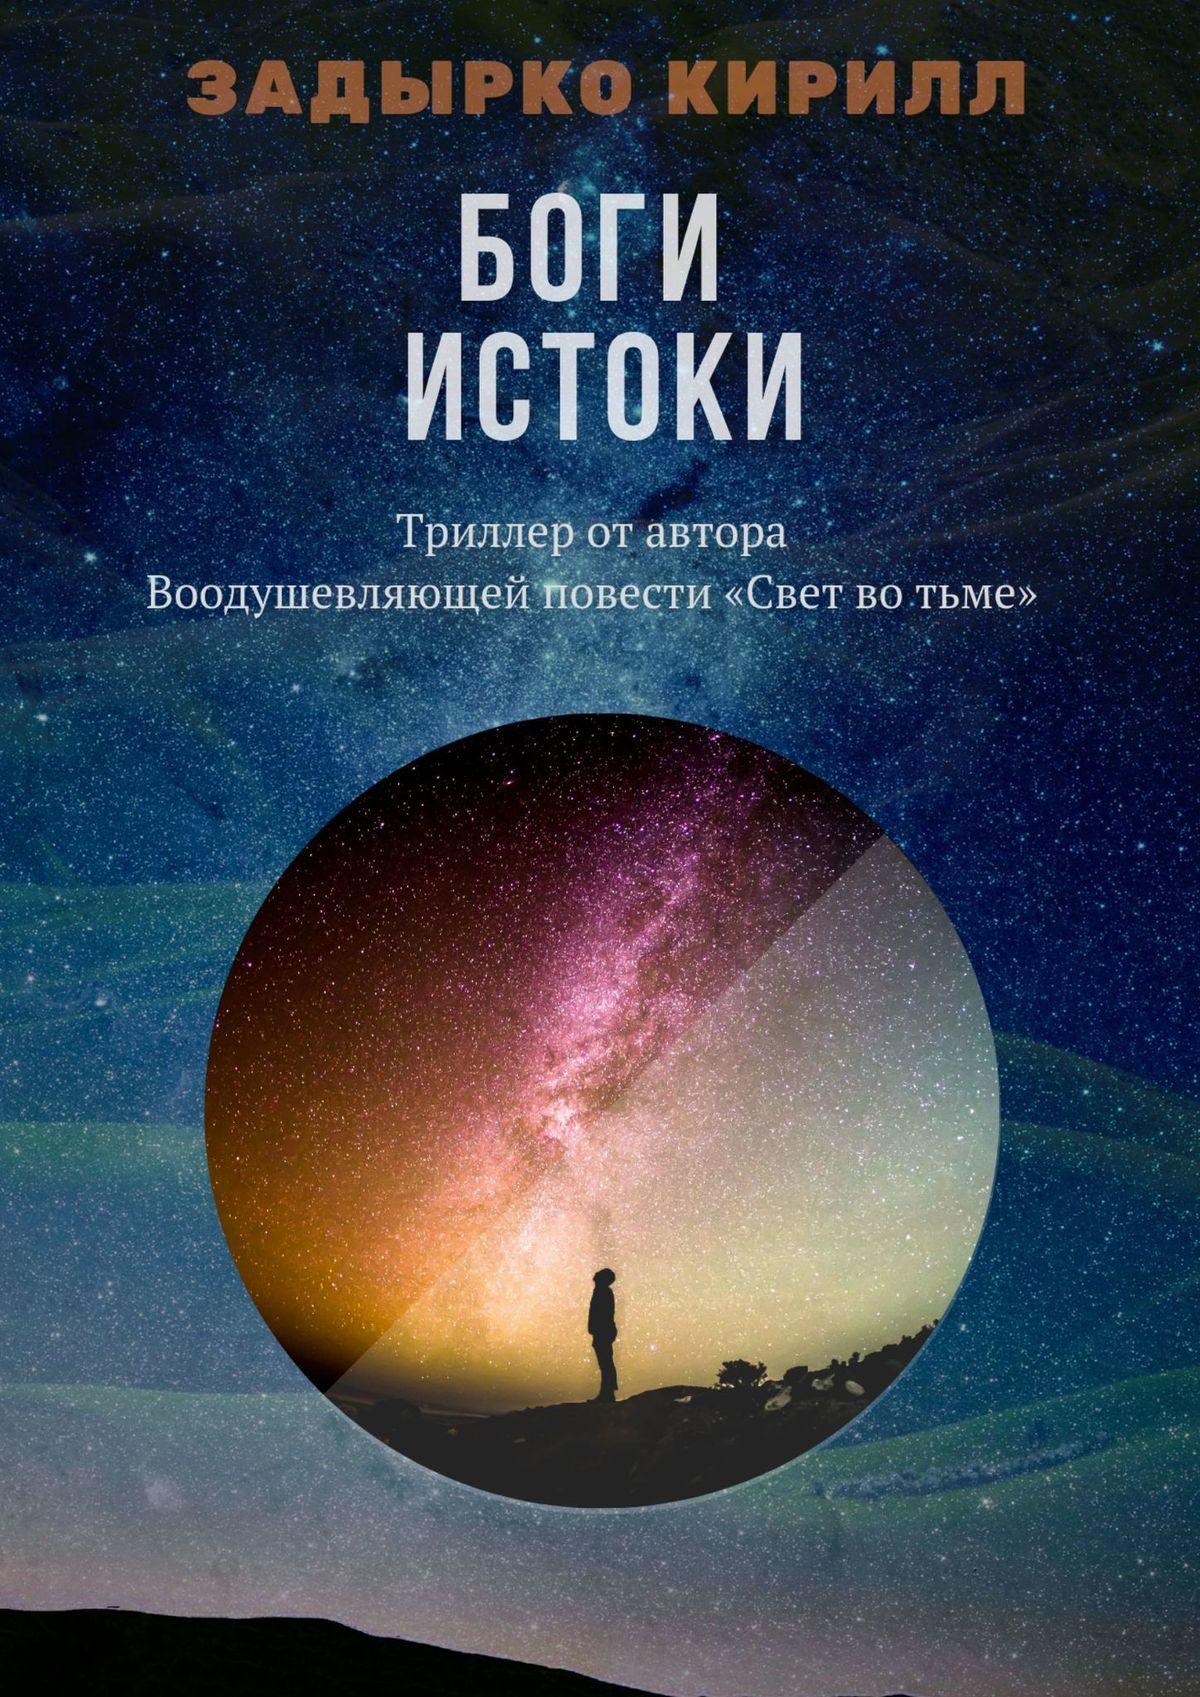 Купить книгу Боги. Истоки, автора Кирилла Вадимовича Задырко